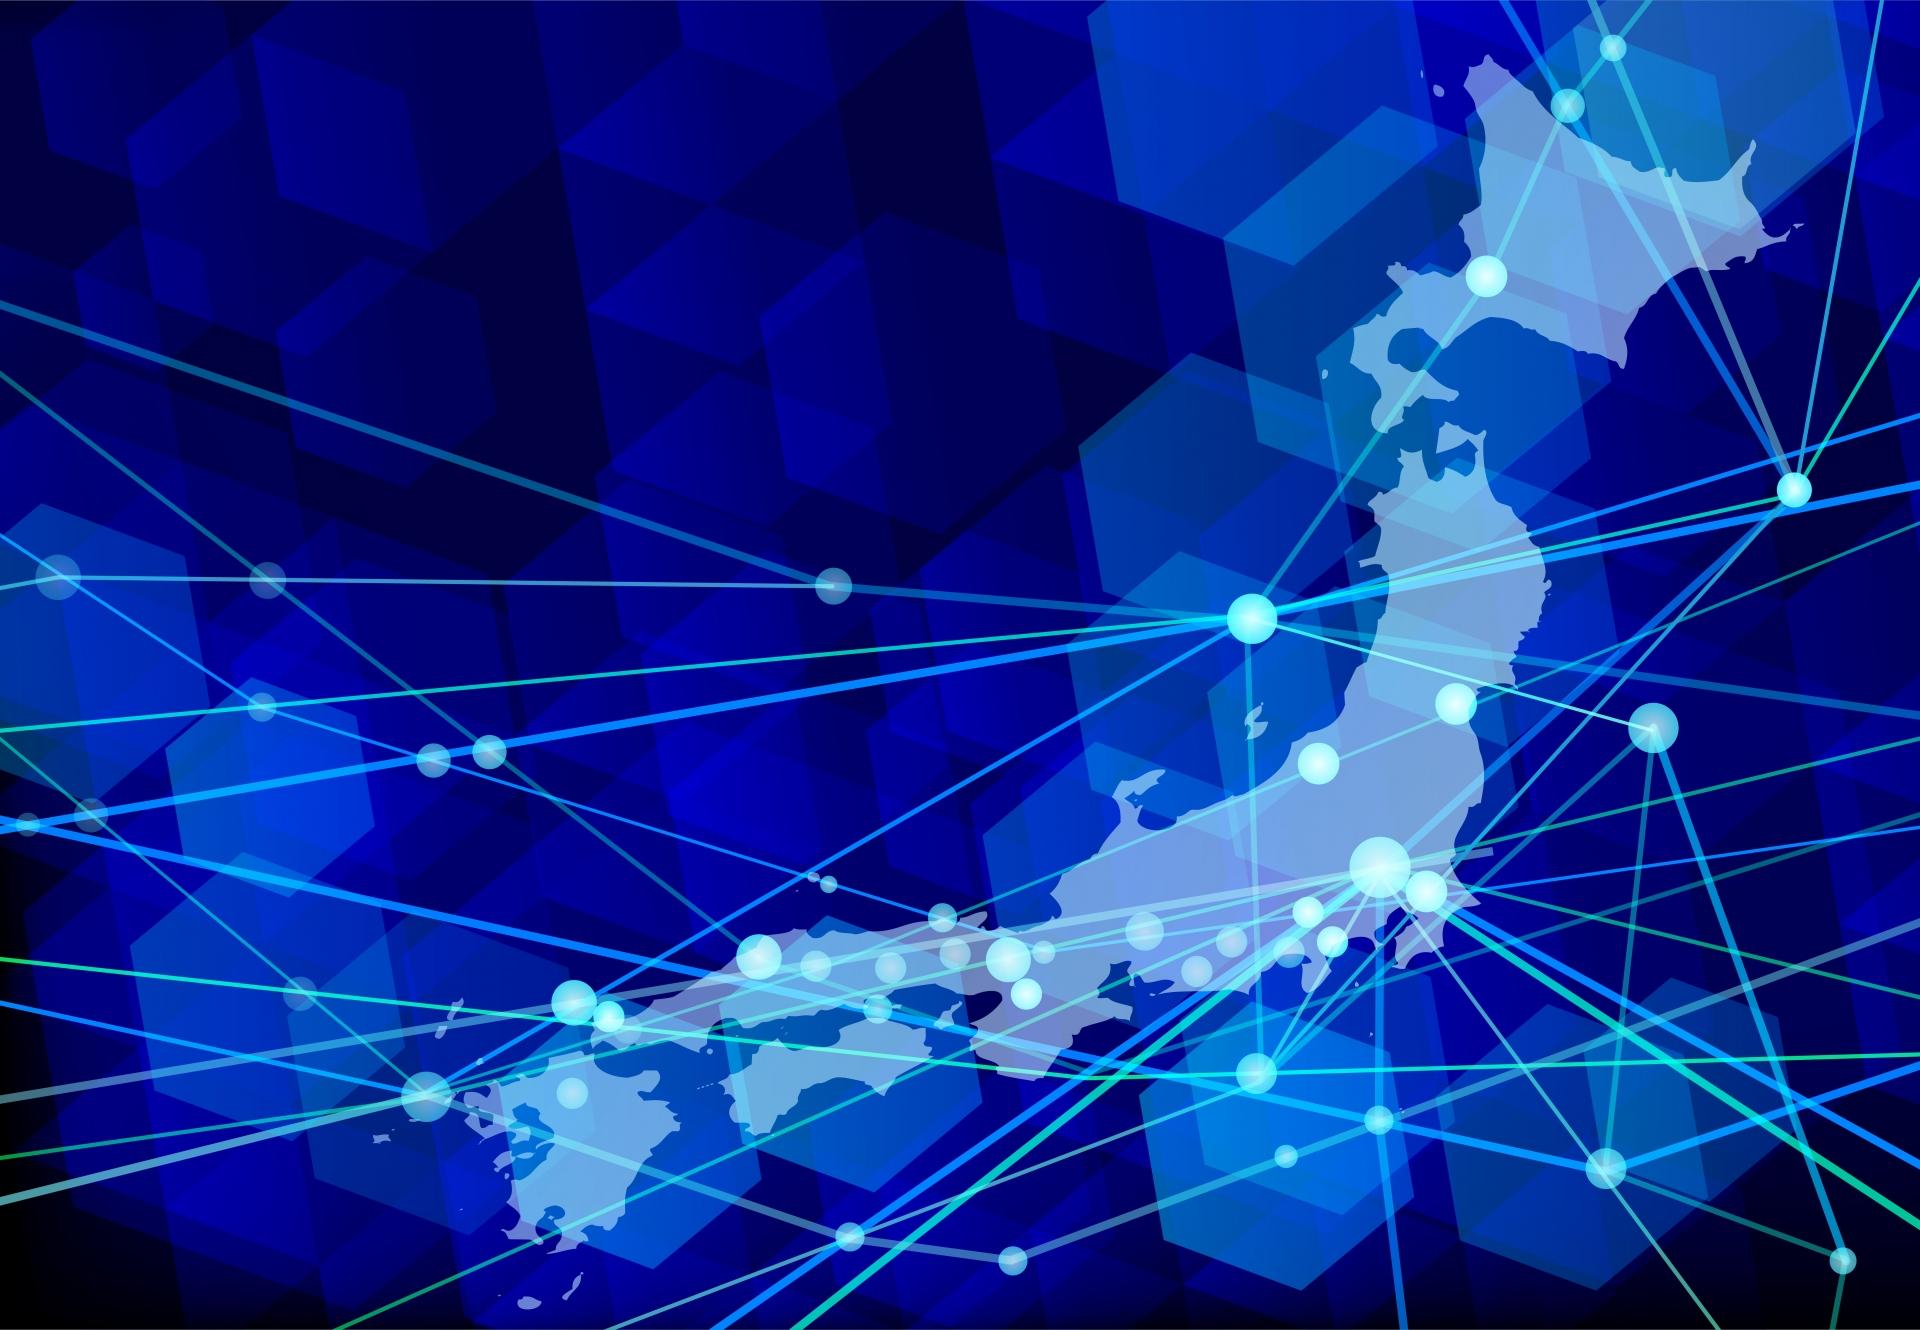 【愛知県の企業】新型コロナウイルスの支援策まとめ 国・県の融資制度・助成金など